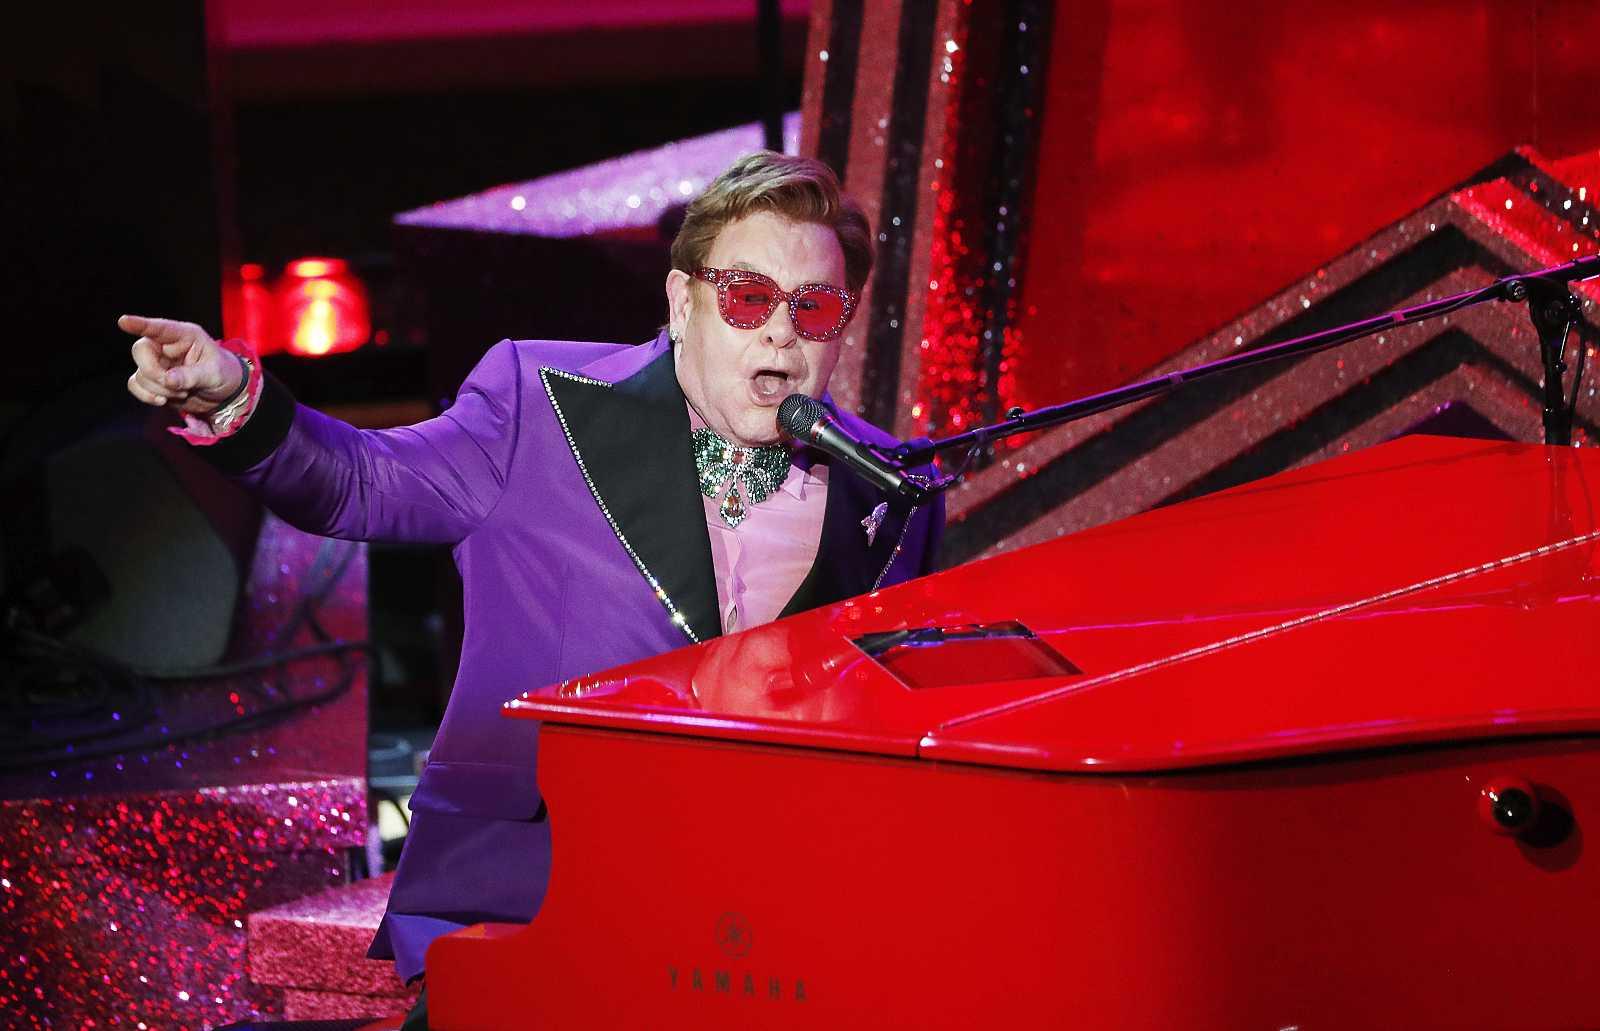 John ha interpretado '(I'm Gonna) Love Me Again', de 'Rocketman', durante la gala.